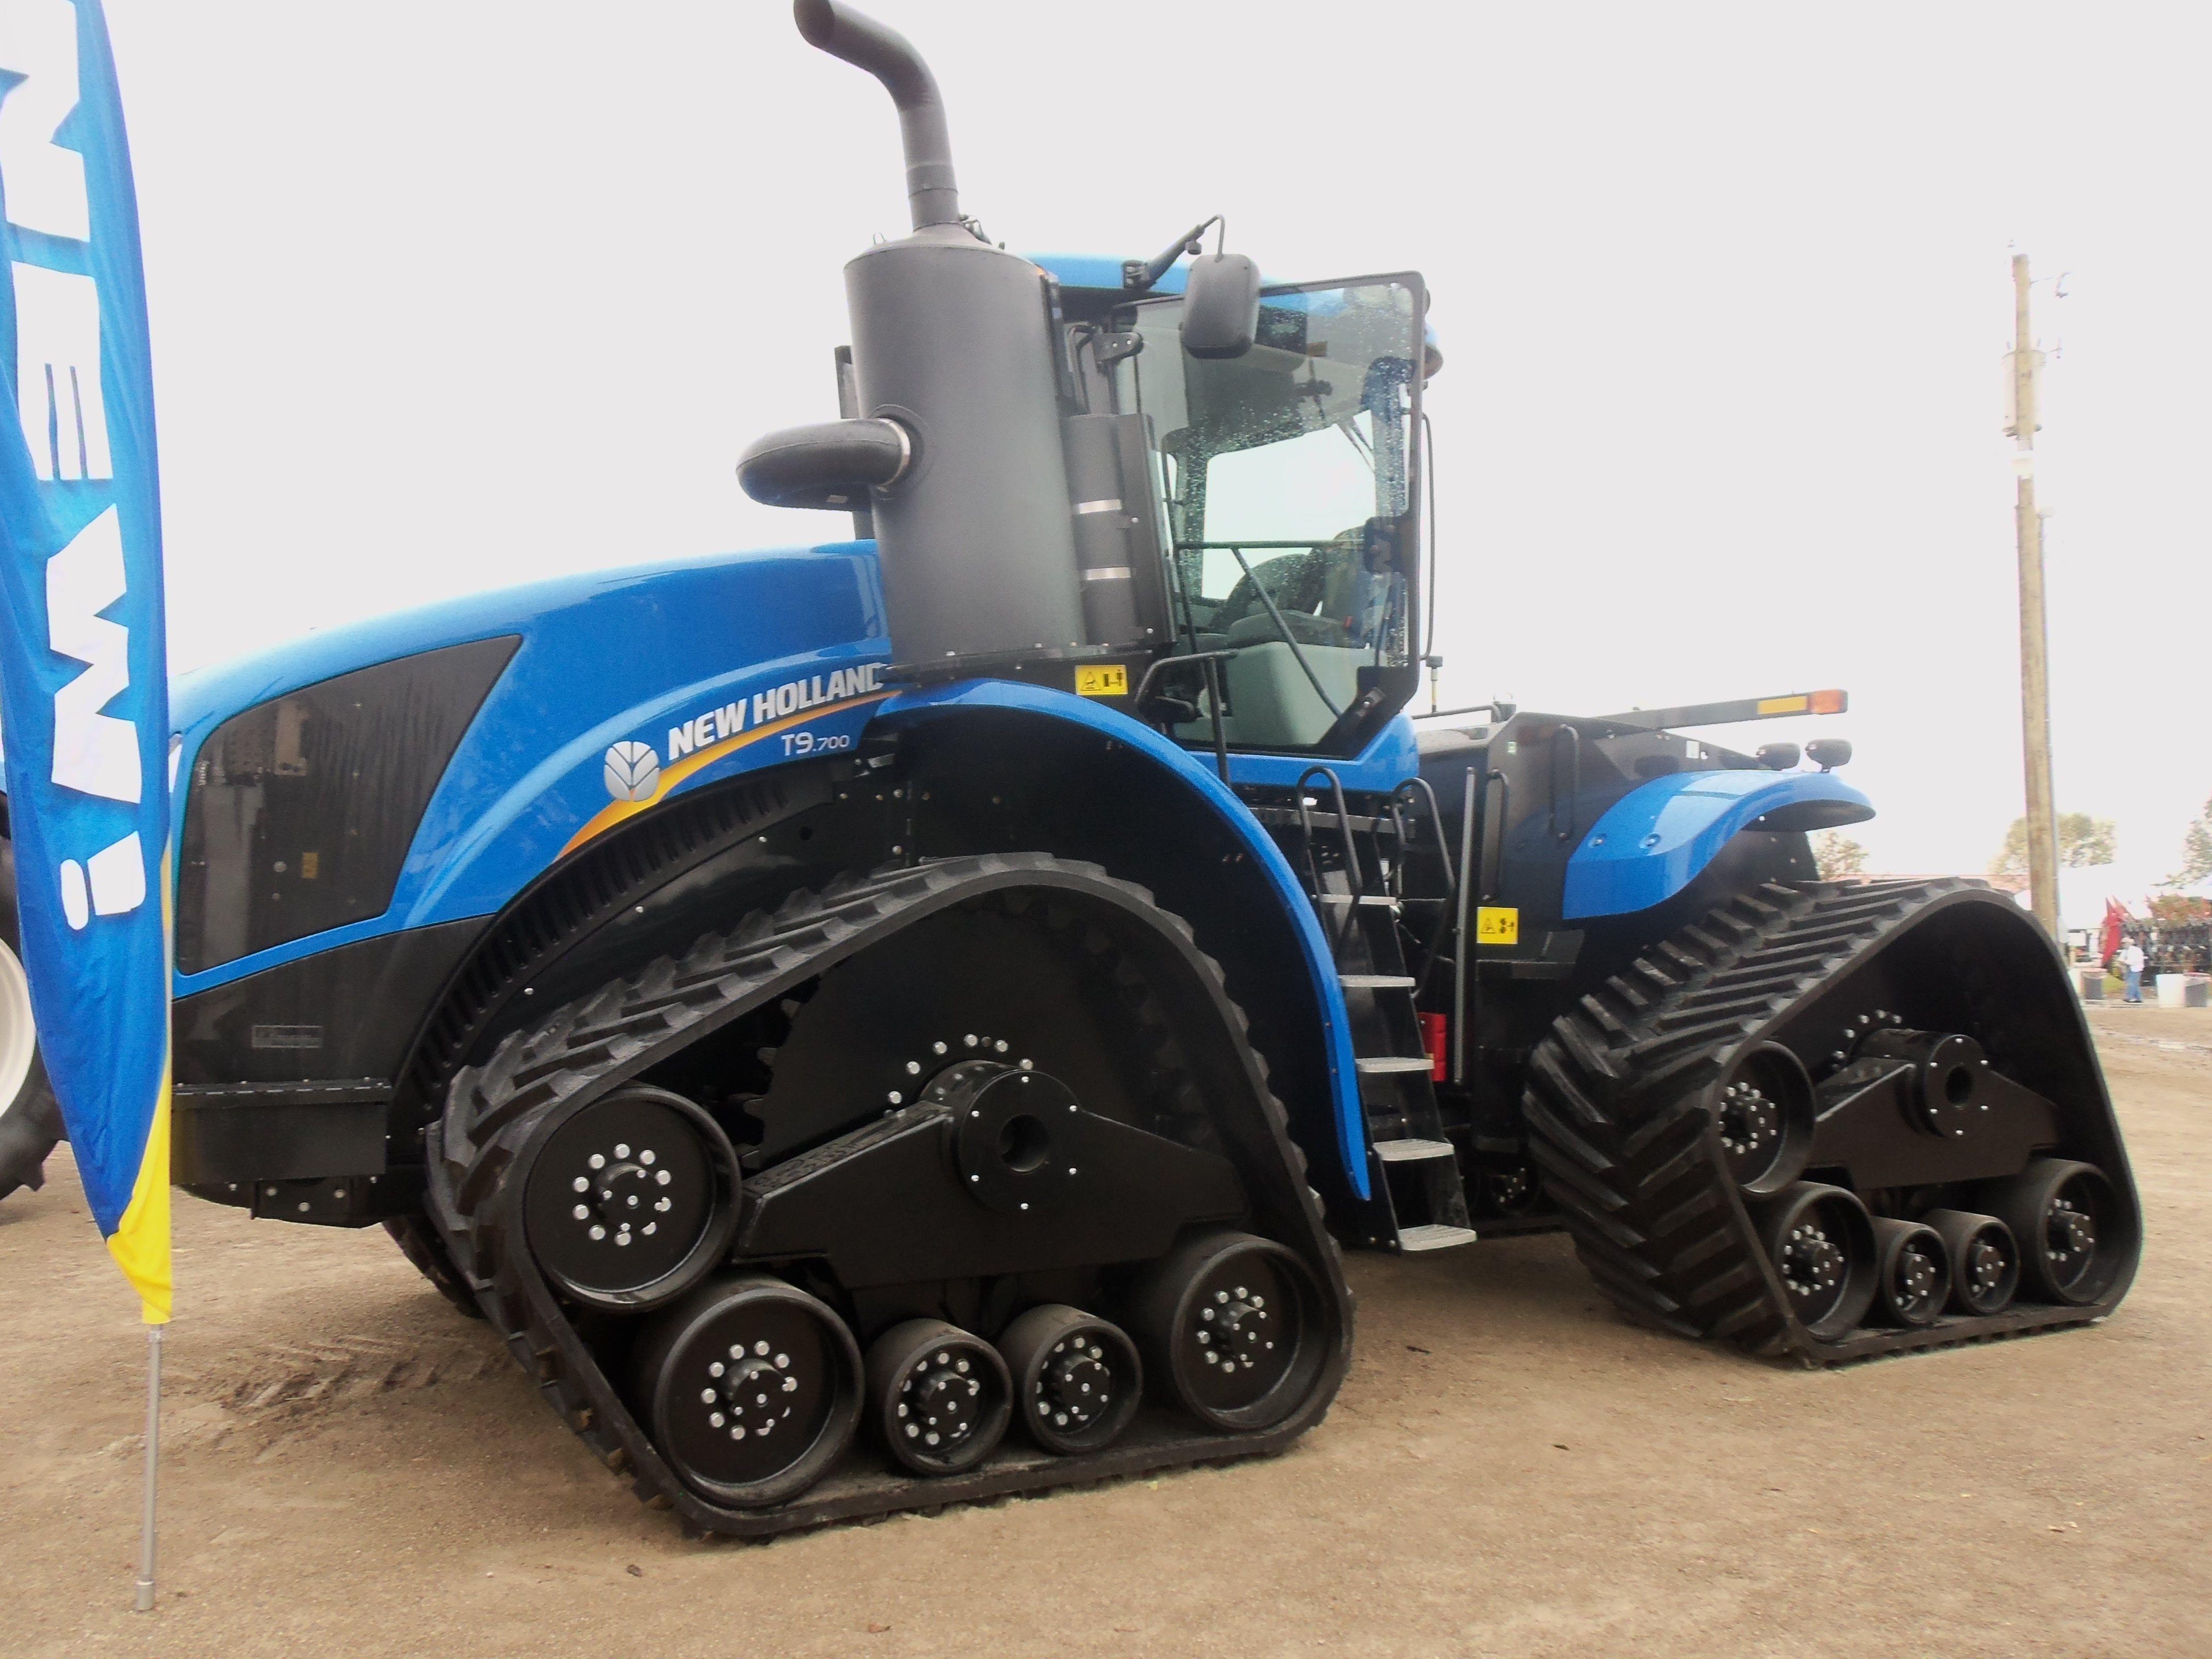 New Holland T9 700 Track Tractor Tractors Big Tractors New Tractor